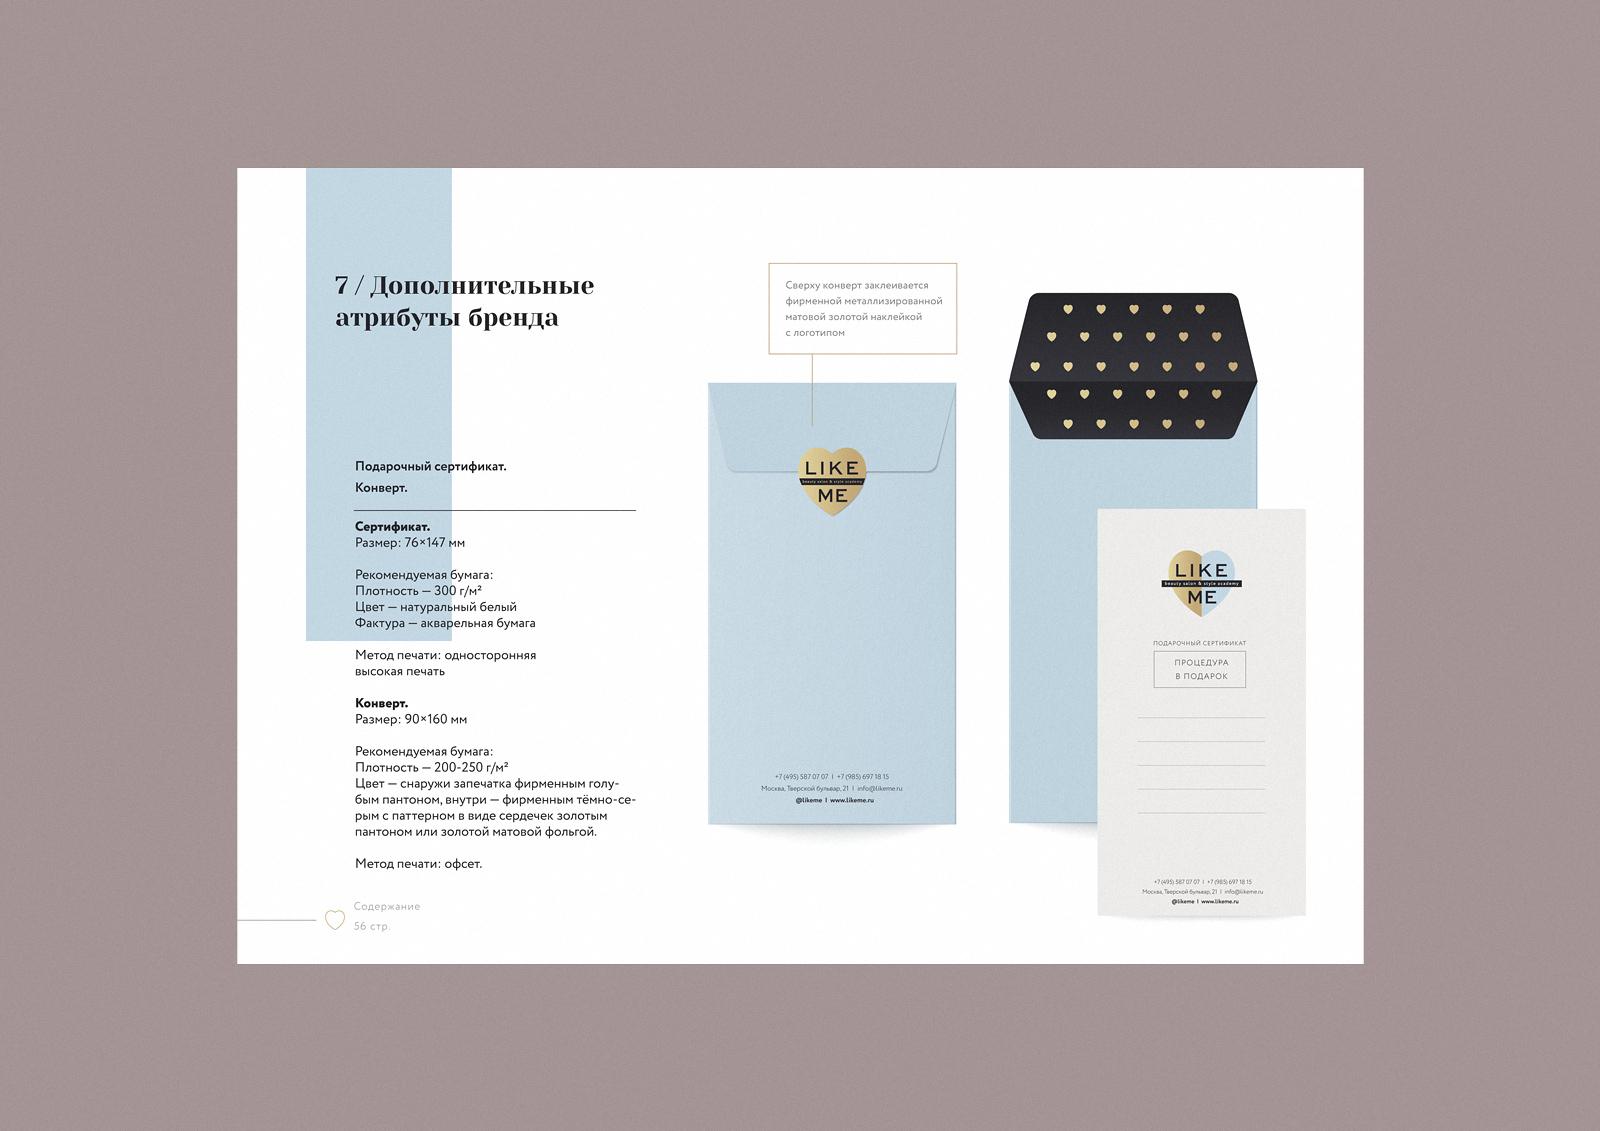 Дизайн полиграфии Like Me: Подарочный сертификат и конверт.